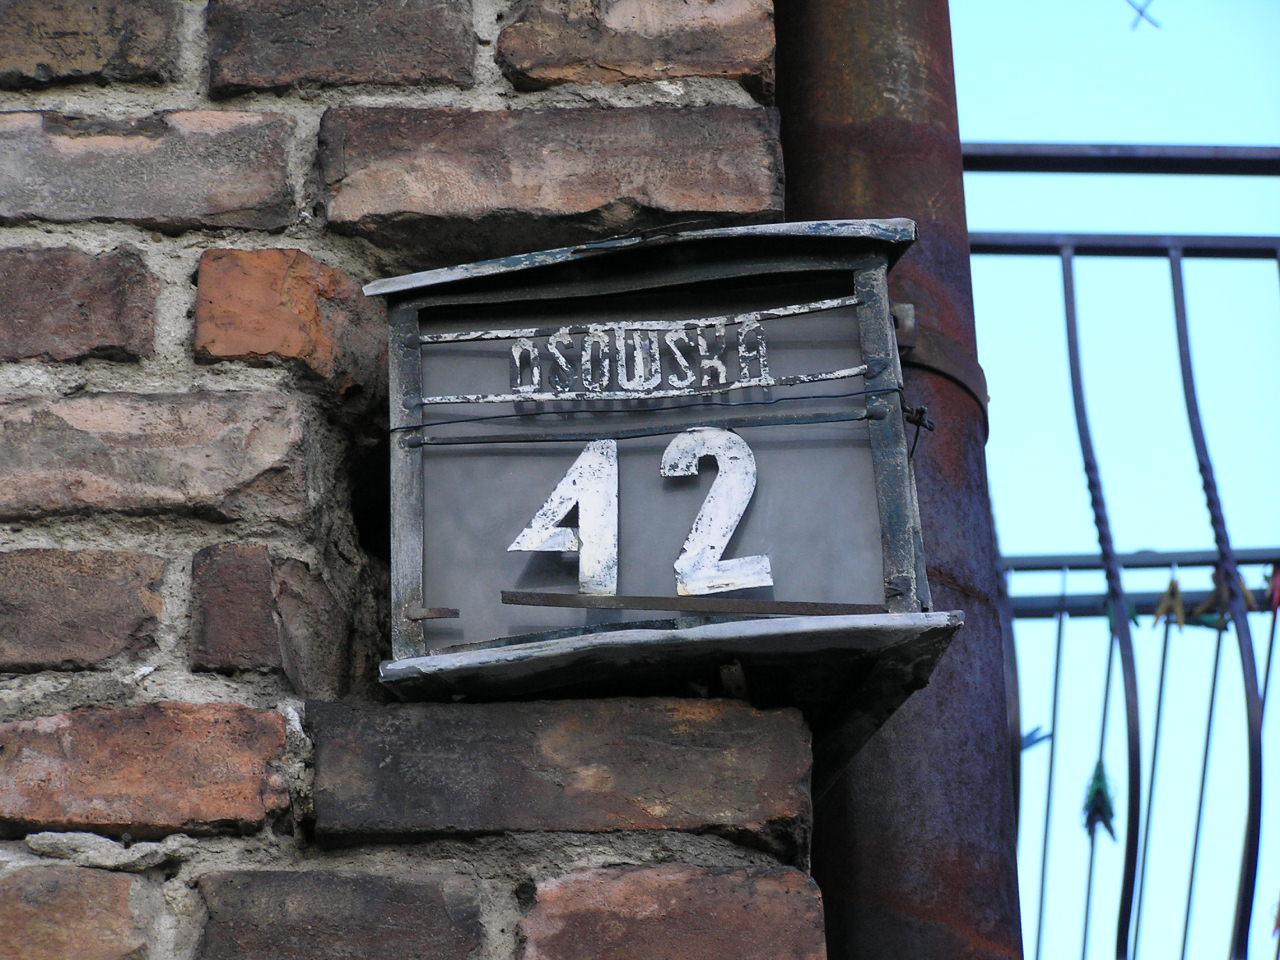 Latarenka adresowa przy ulicy Osowskiej 42 na Grochowie